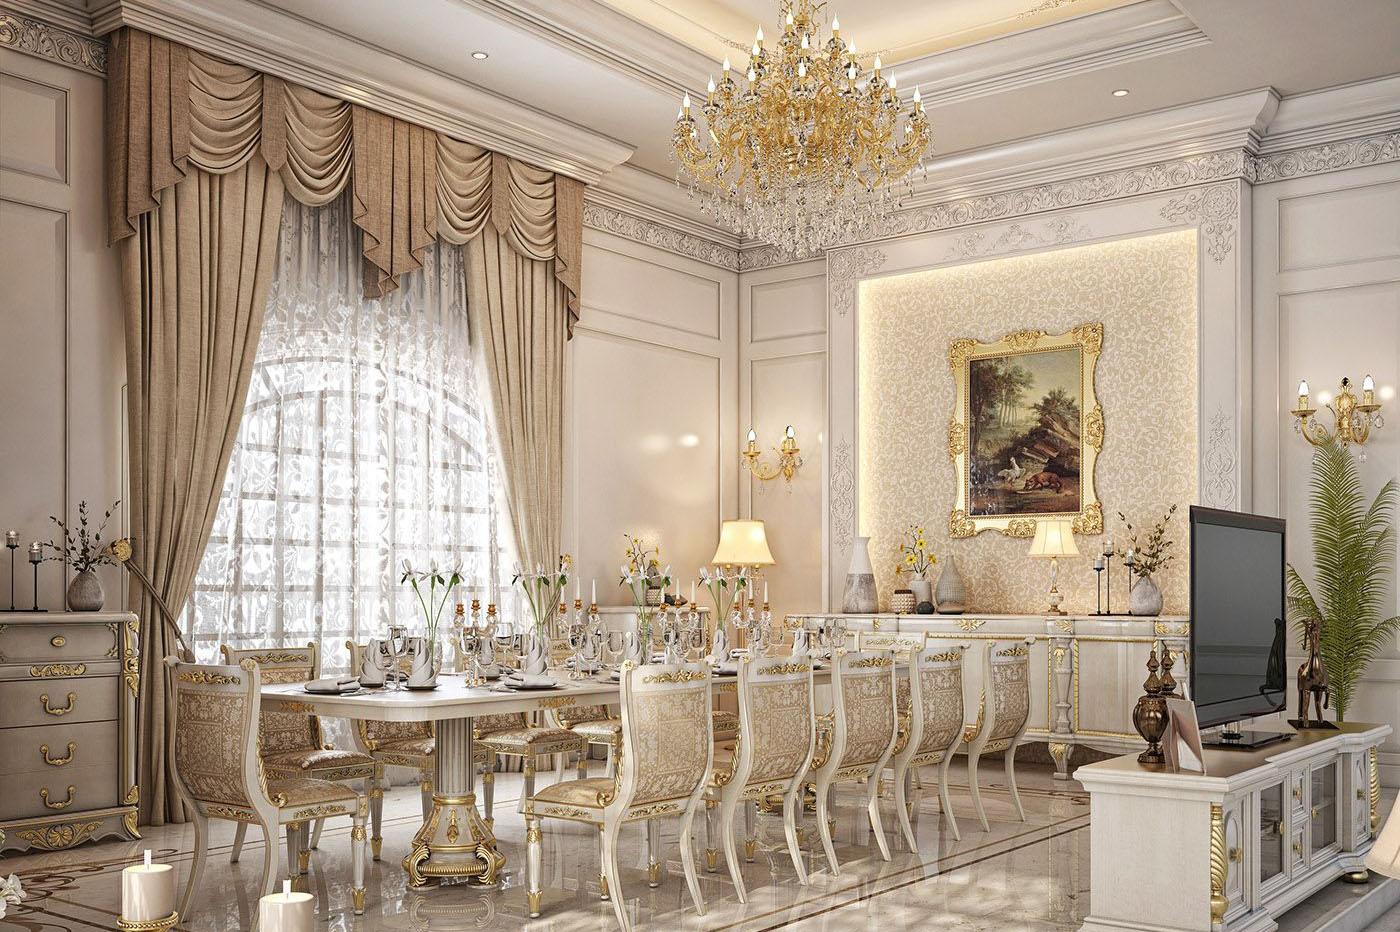 Sử dụng tone màu trắng cho nội thất cổ điển chung cư